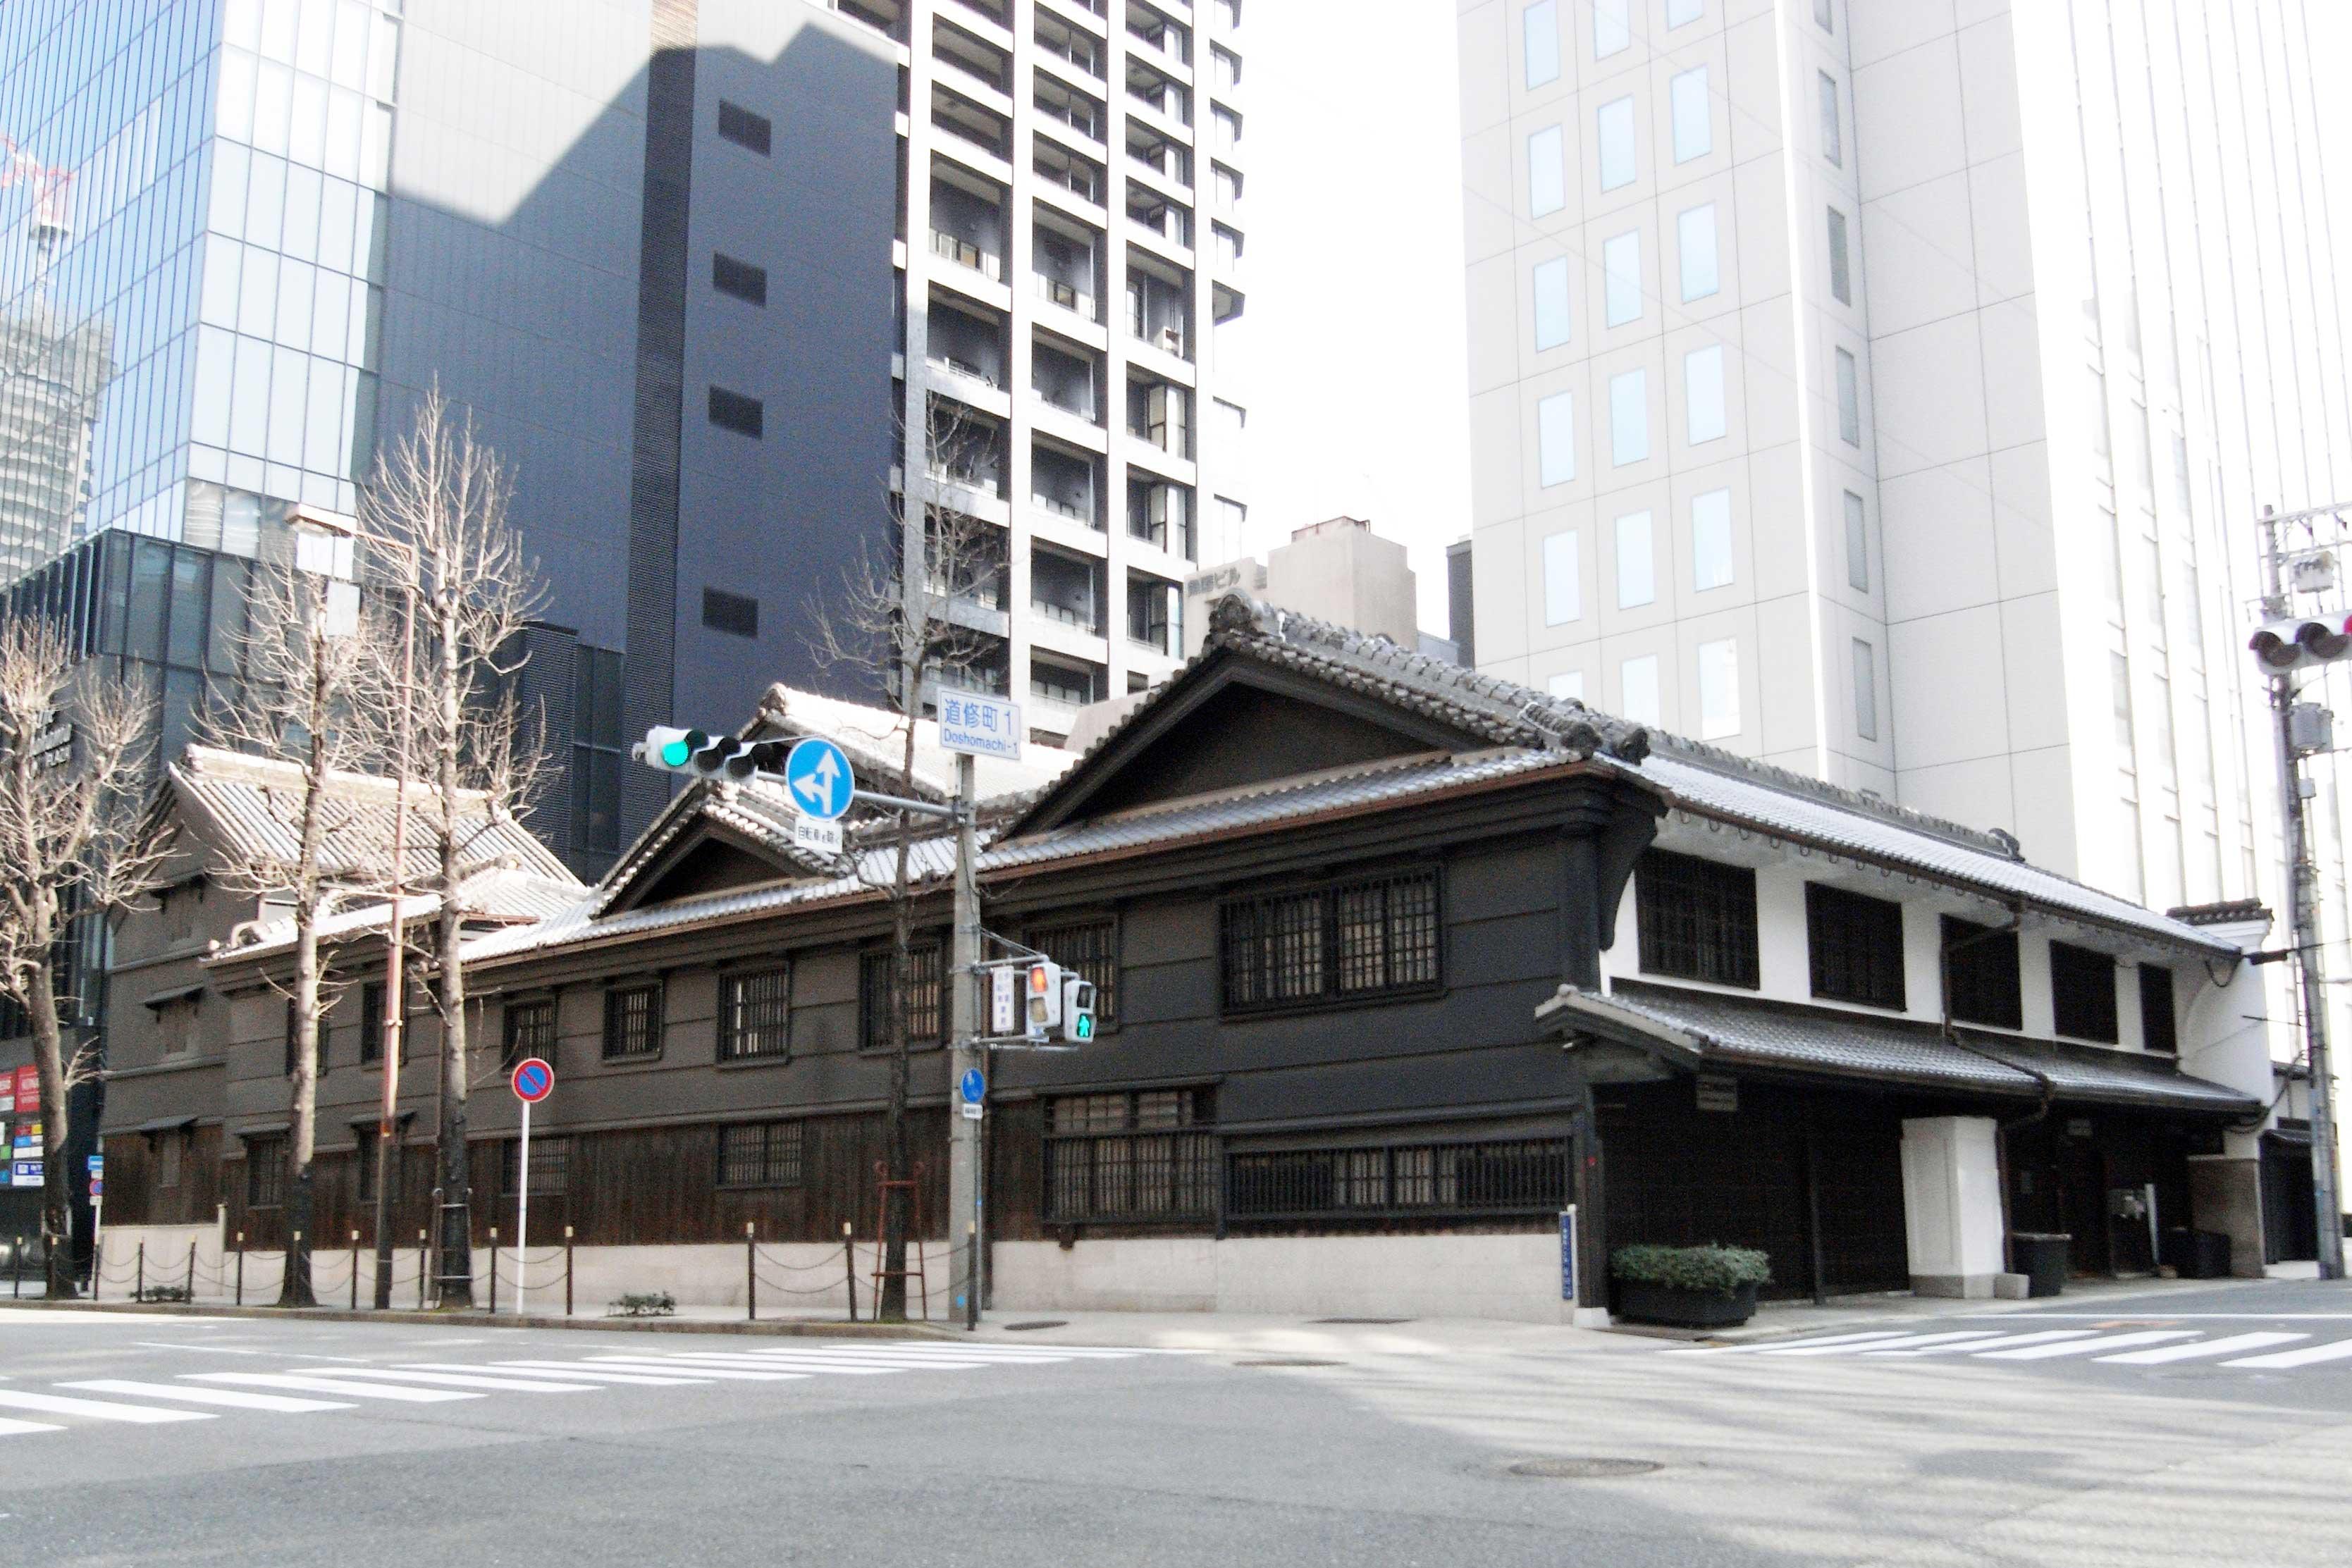 旧小西家住宅 主屋・衣装蔵・二階蔵 | 大阪文化財ナビ